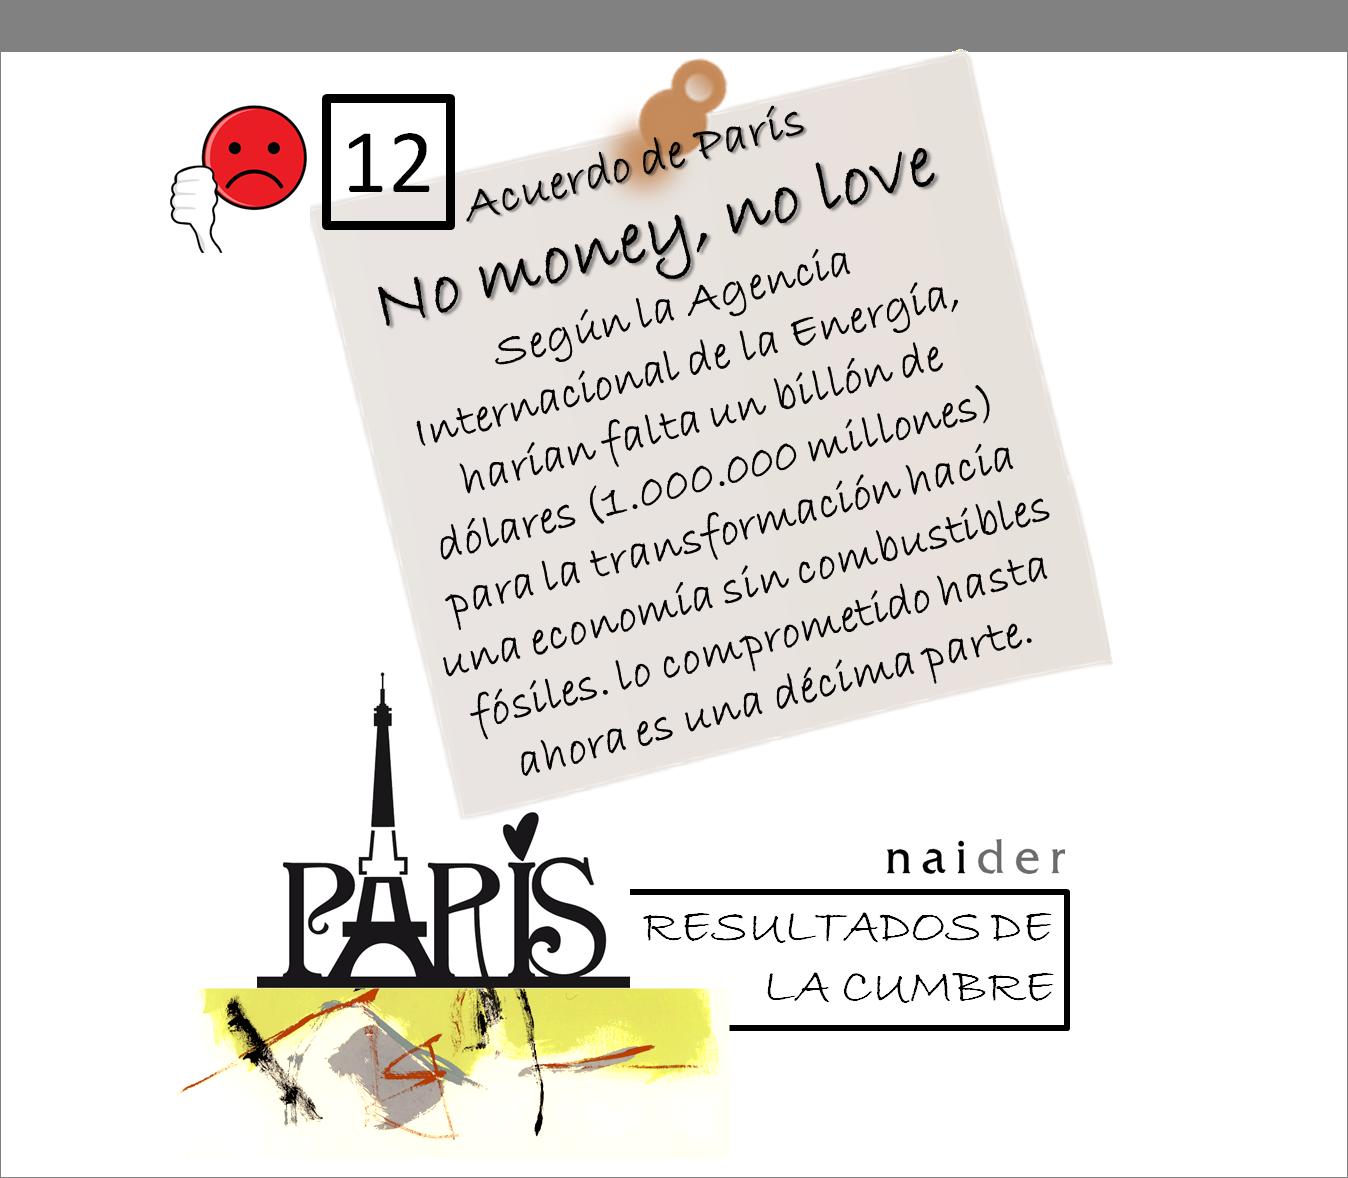 Paris agreement 12